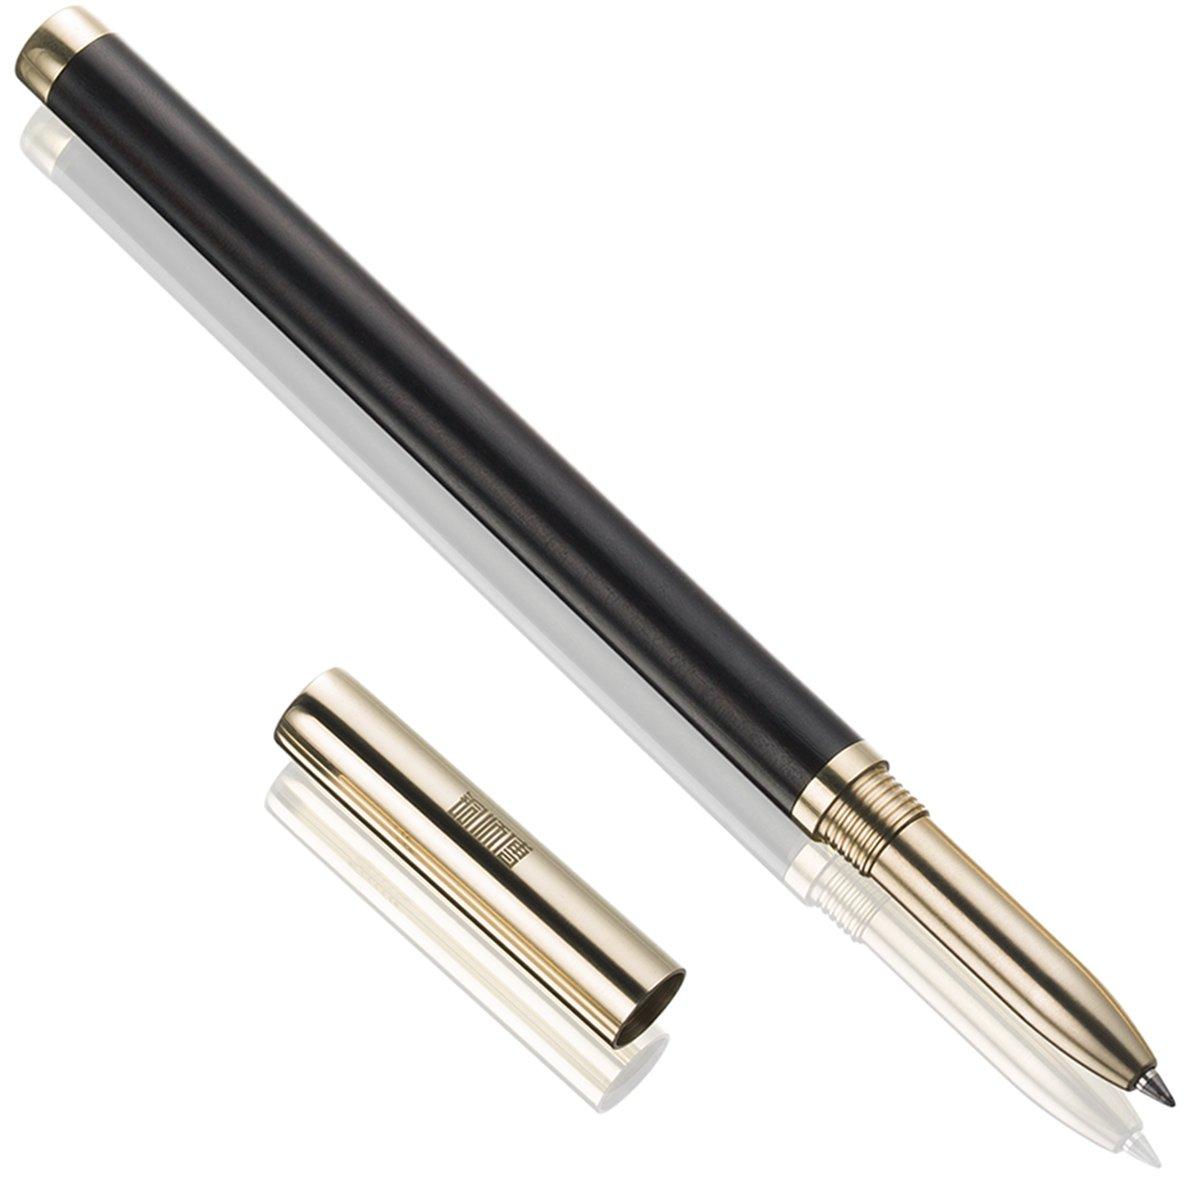 Penna Roller, Premium Metallo Legno Penna a Sfera, Soddisfazione Garantita, Ideale per un Regalo! EDESA UK 5010015